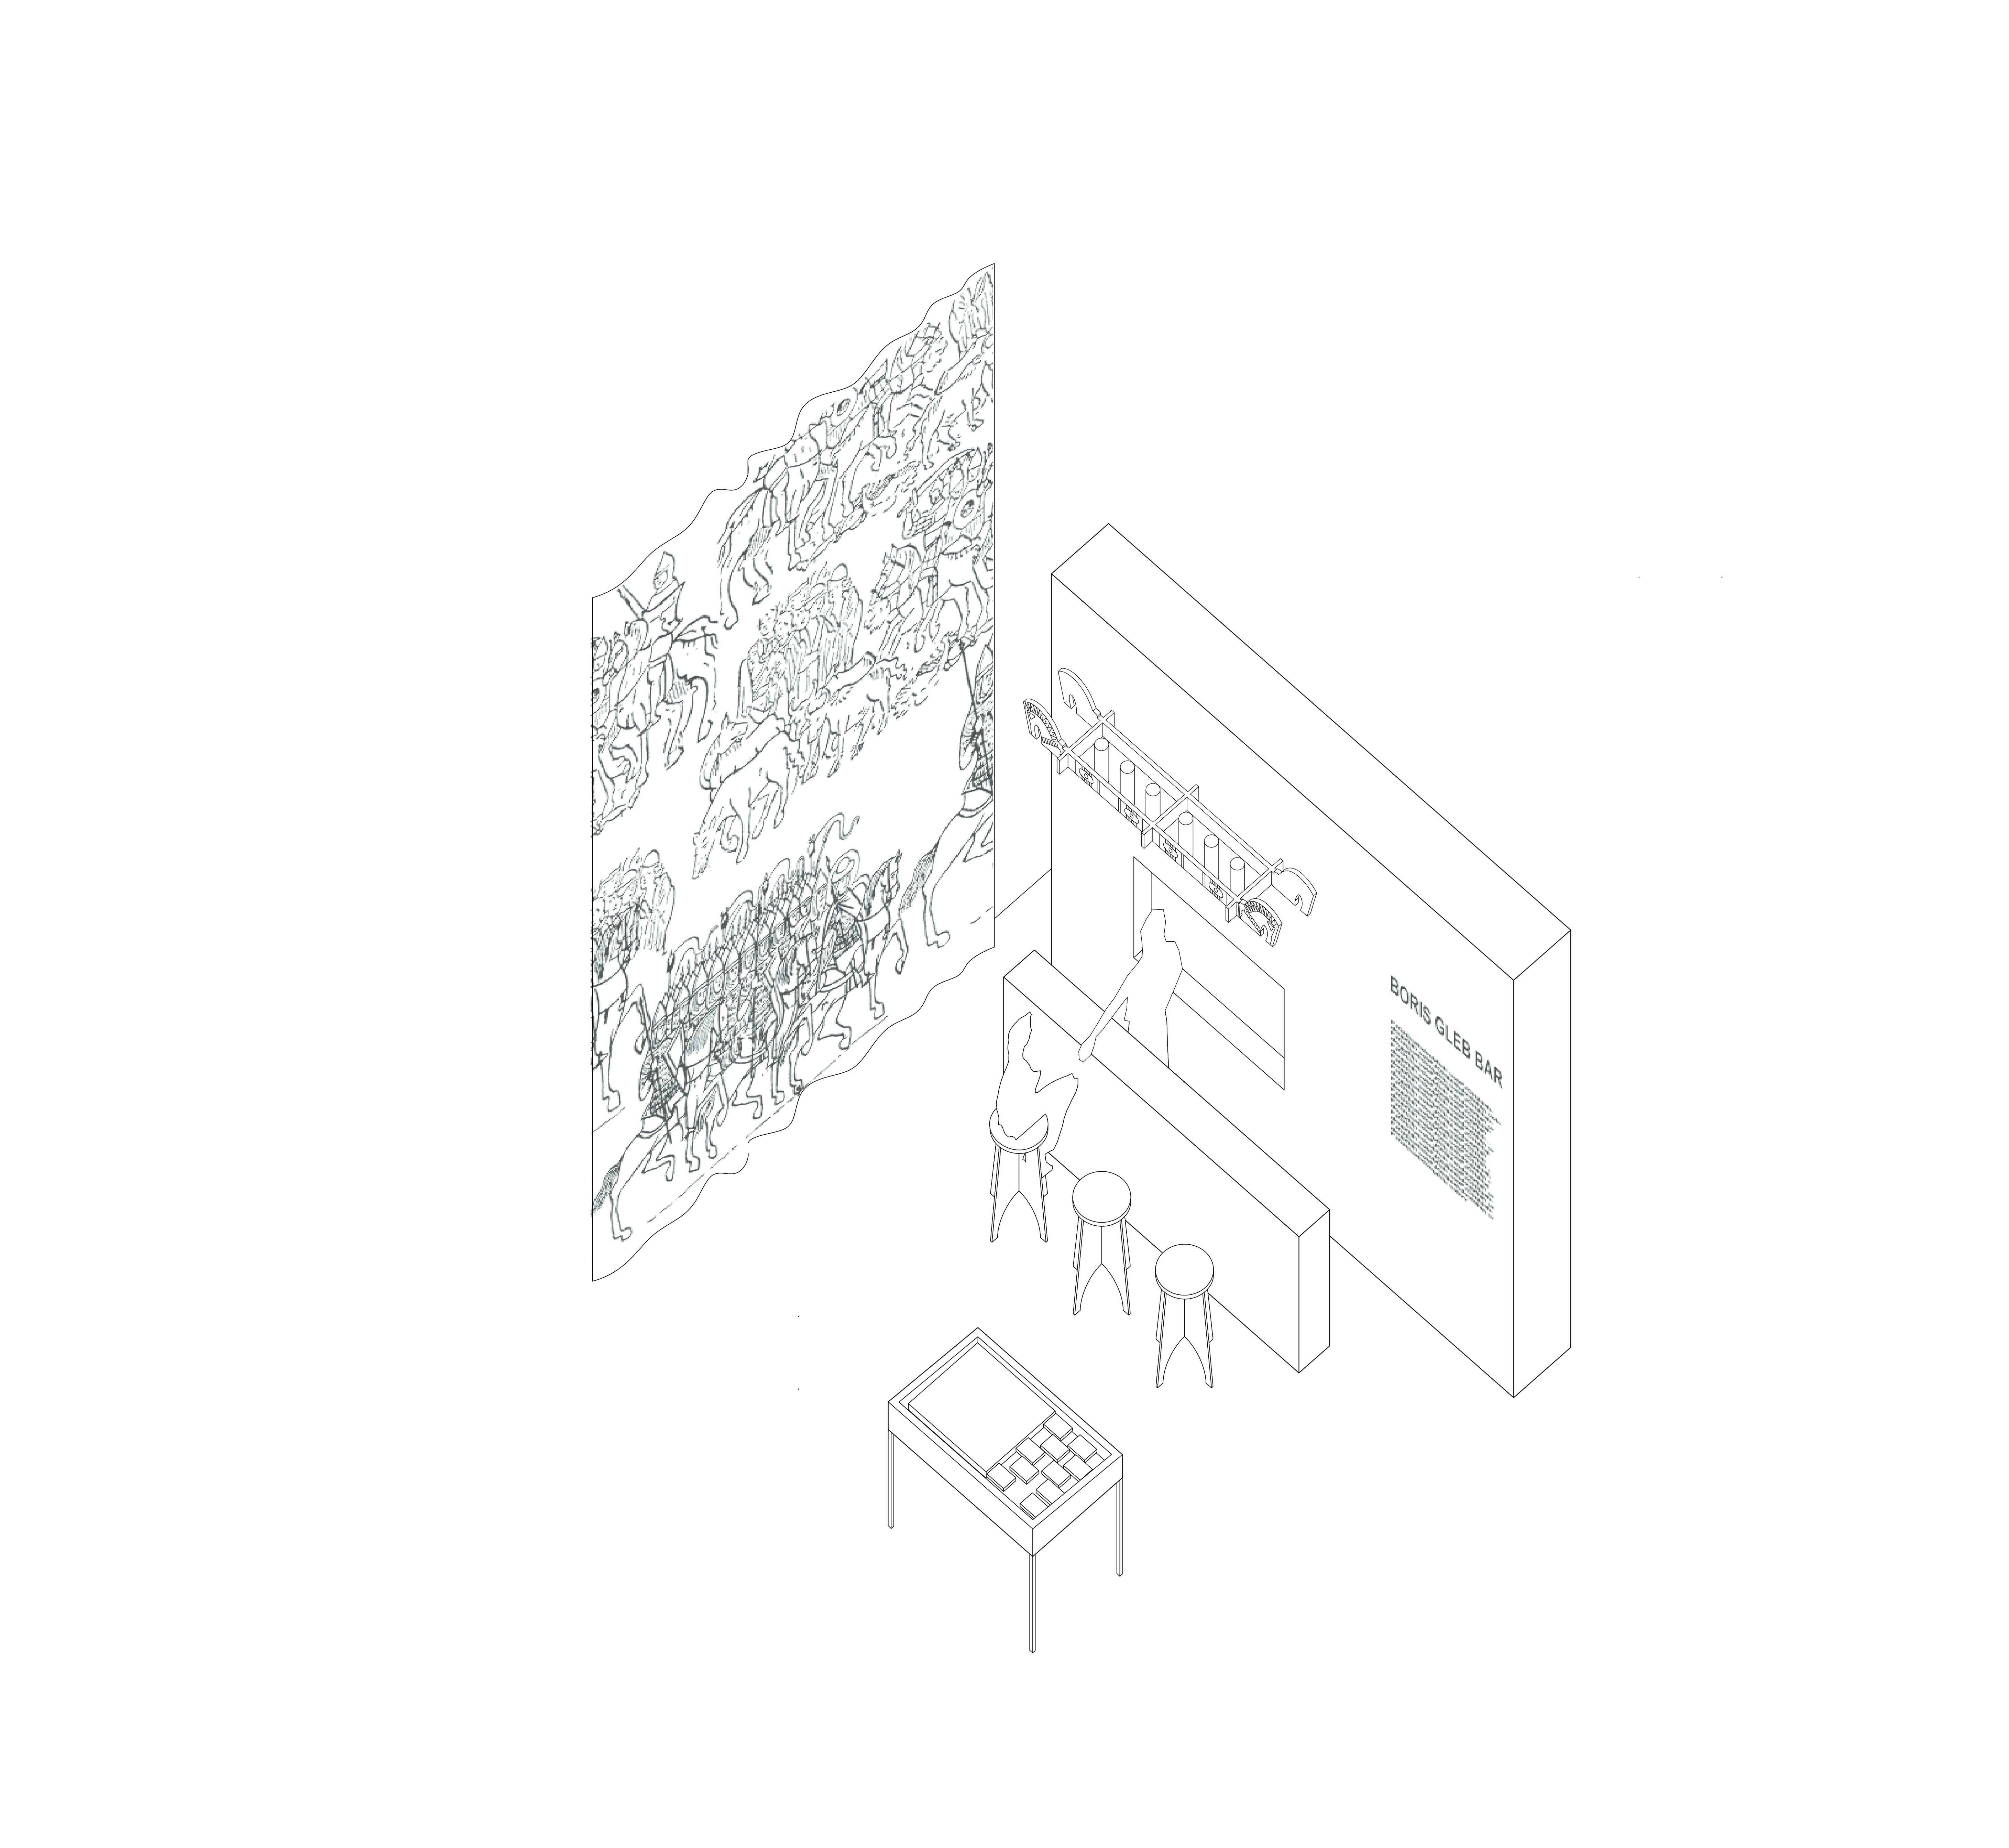 Oslo Architecture Triennale 2016 5